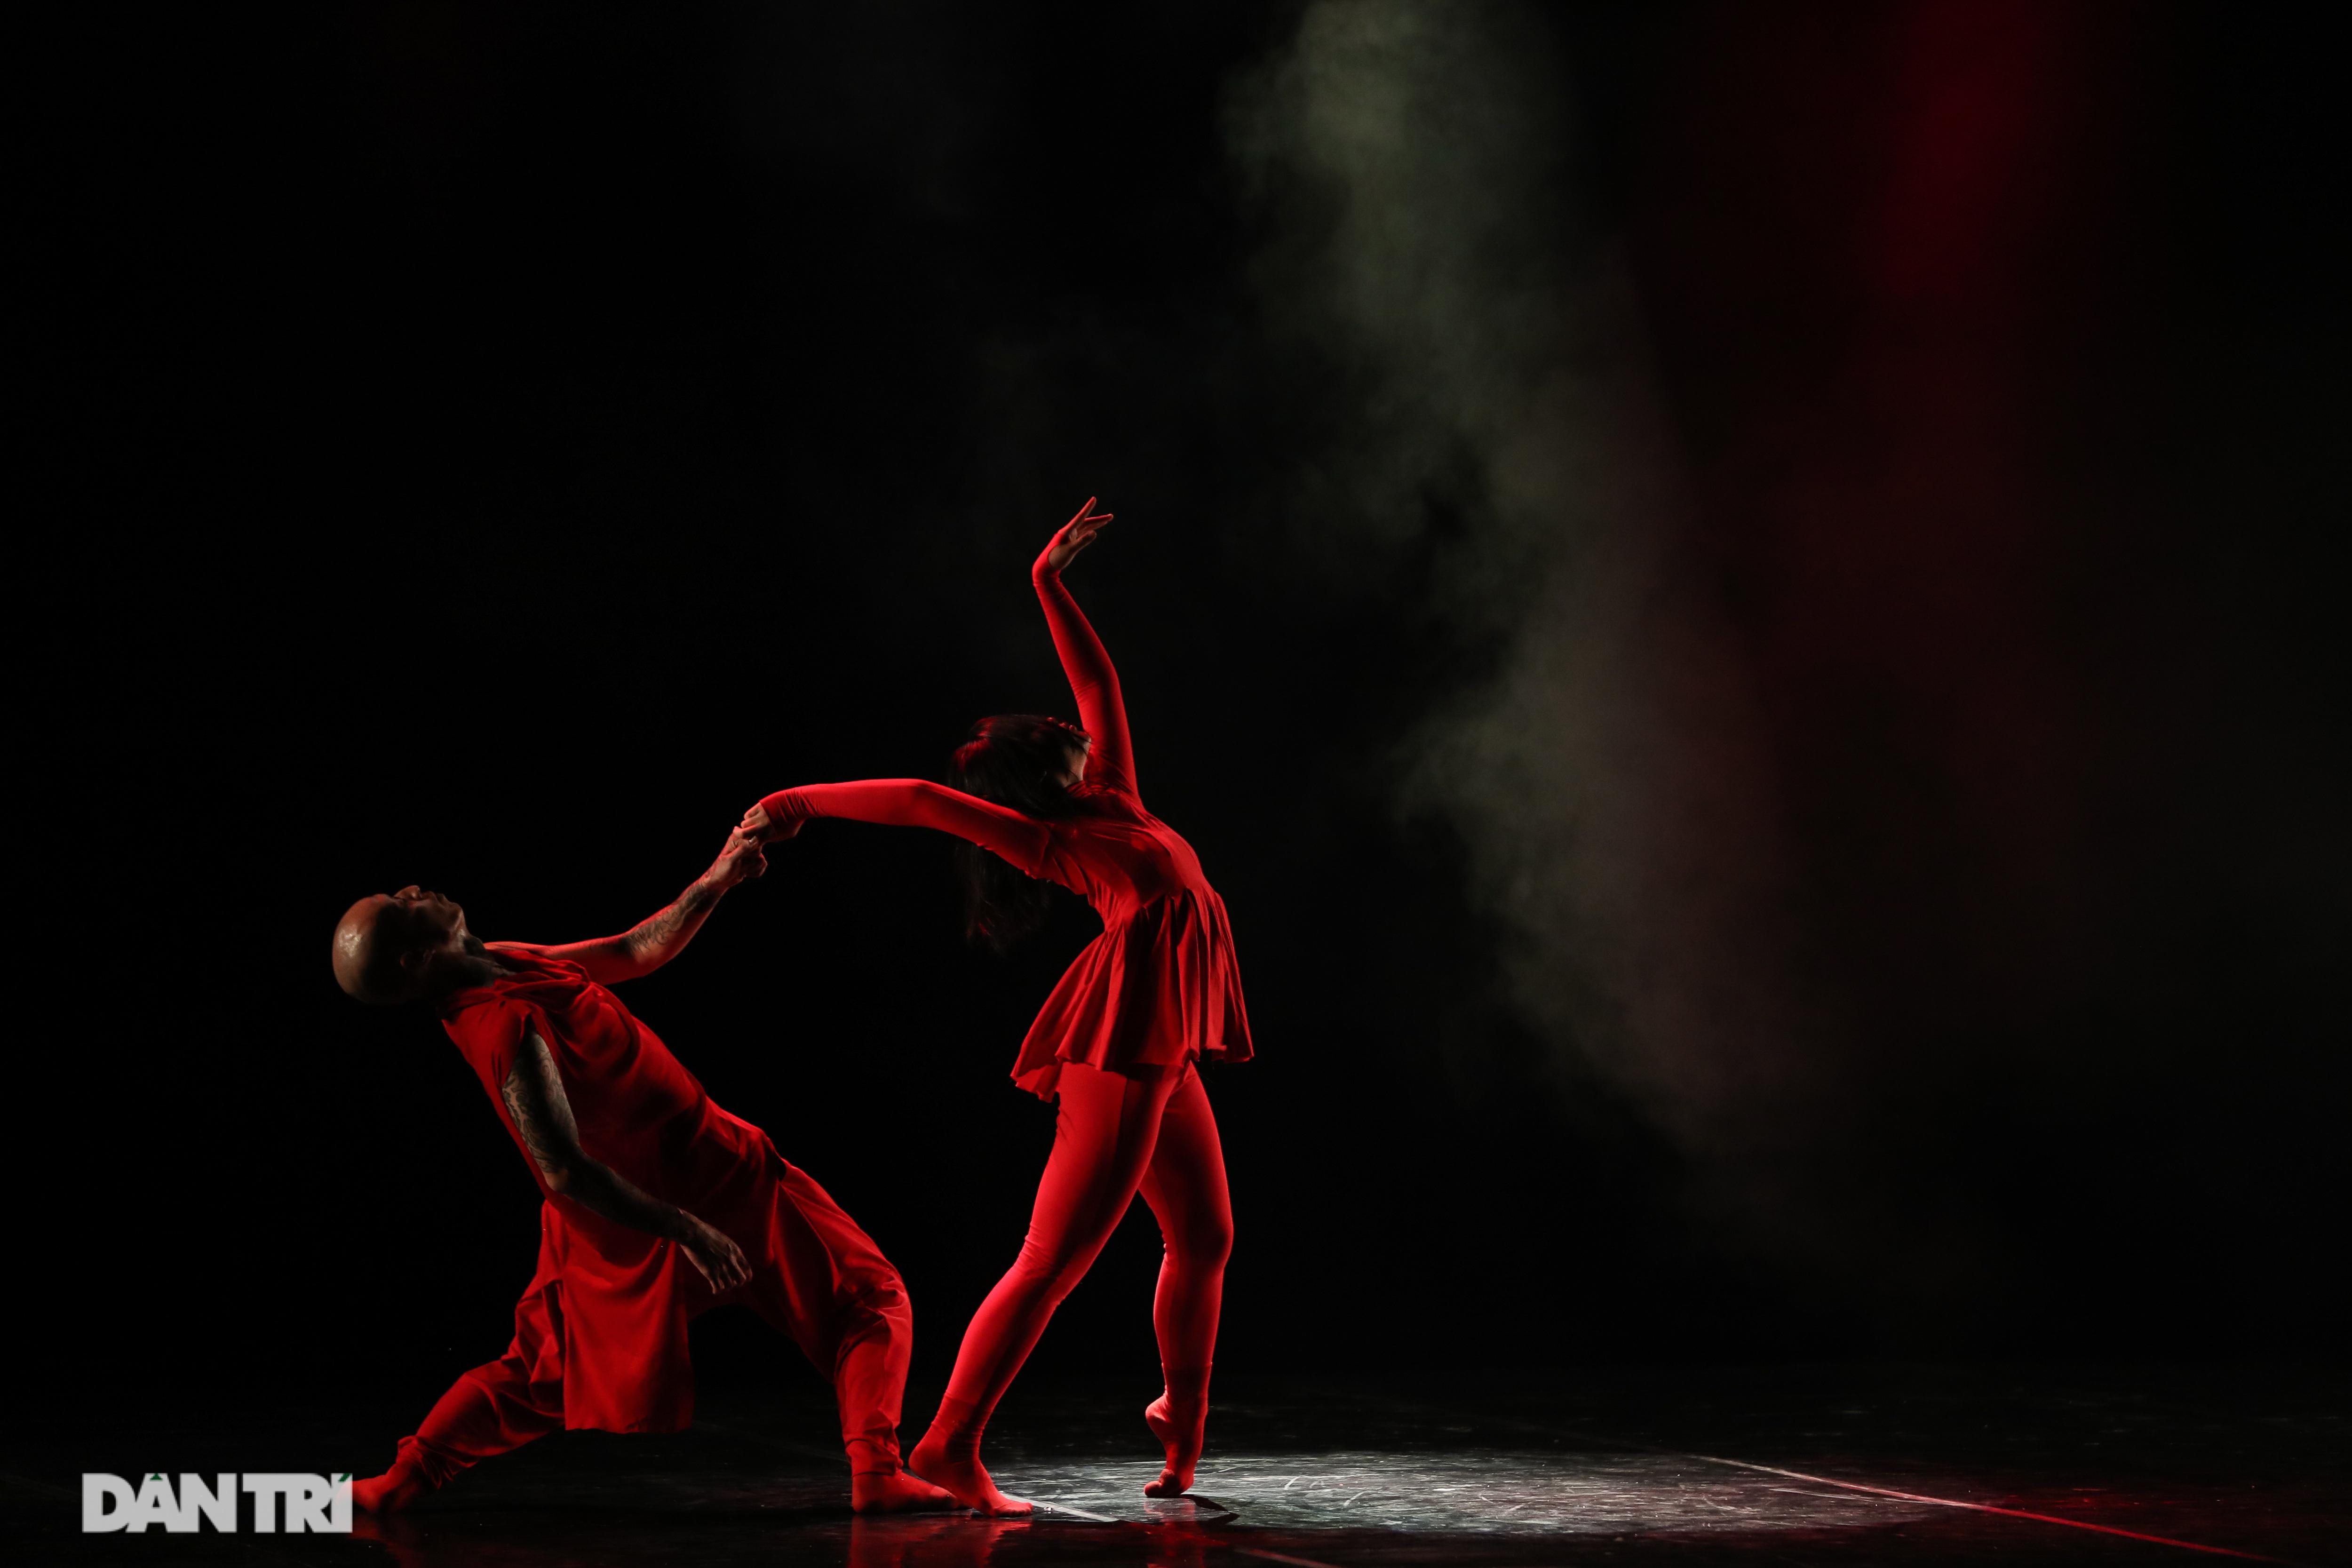 Khoảnh khắc mê hồn tại cuộc thi Tài năng biểu diễn múa - 11